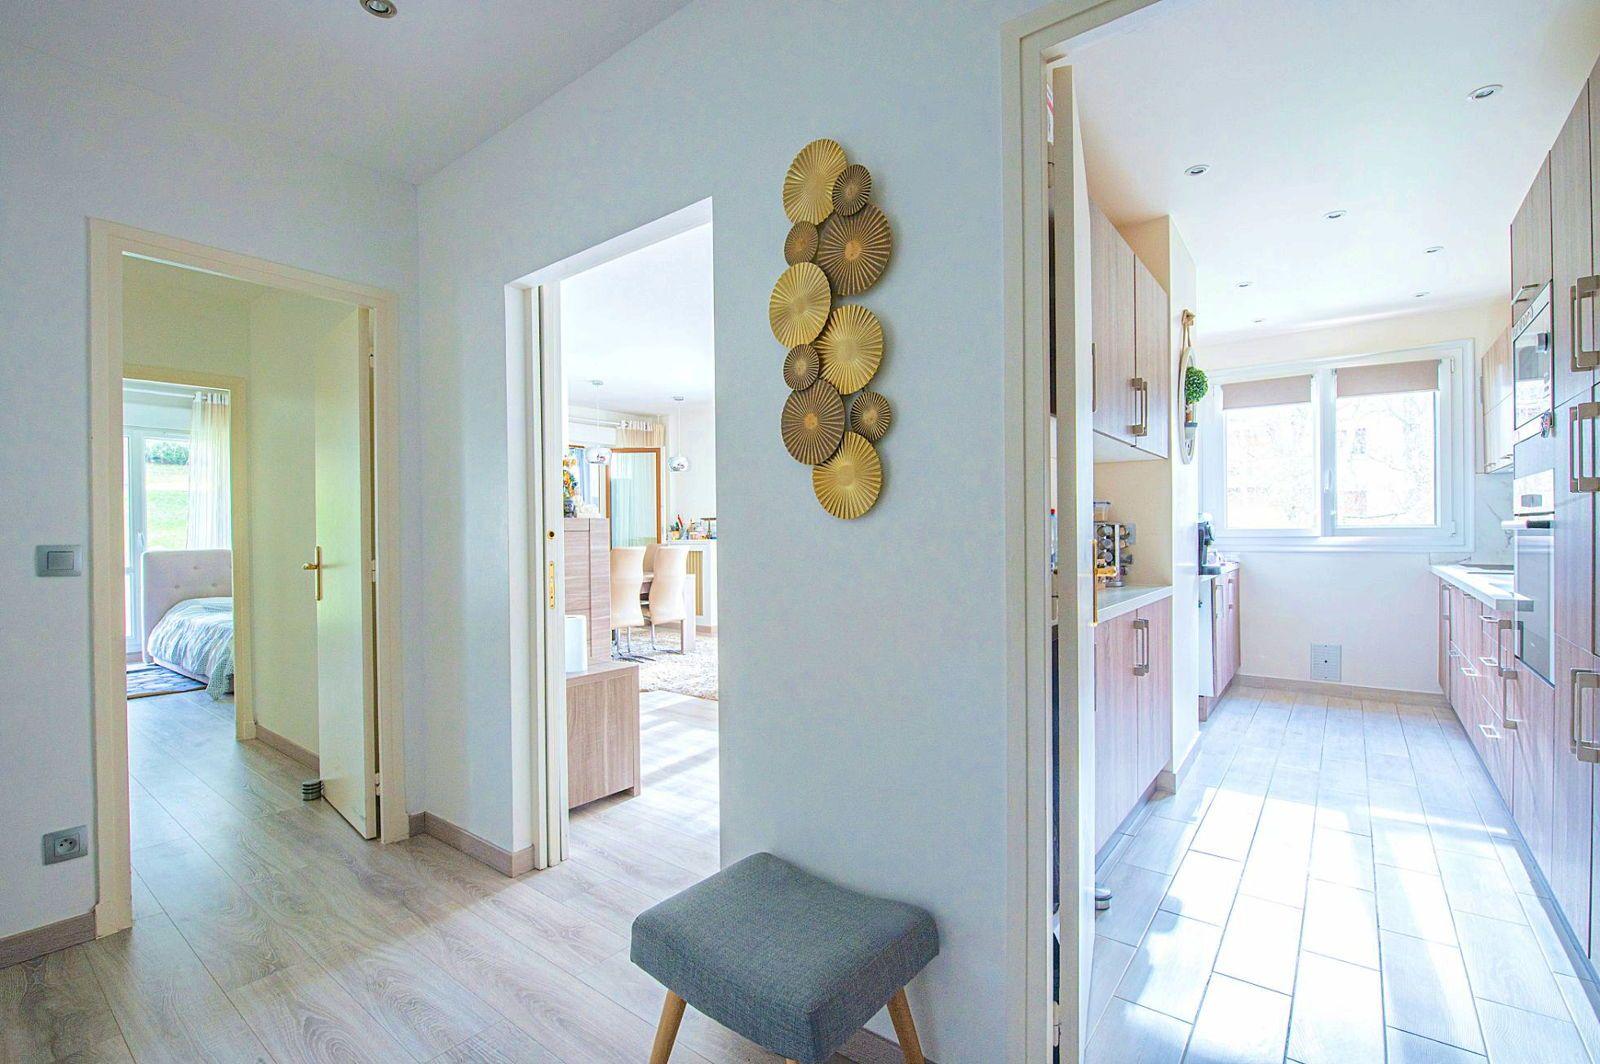 Vends appartement 107,7m² - 3chambres - La Celle-Saint-Cloud (78)